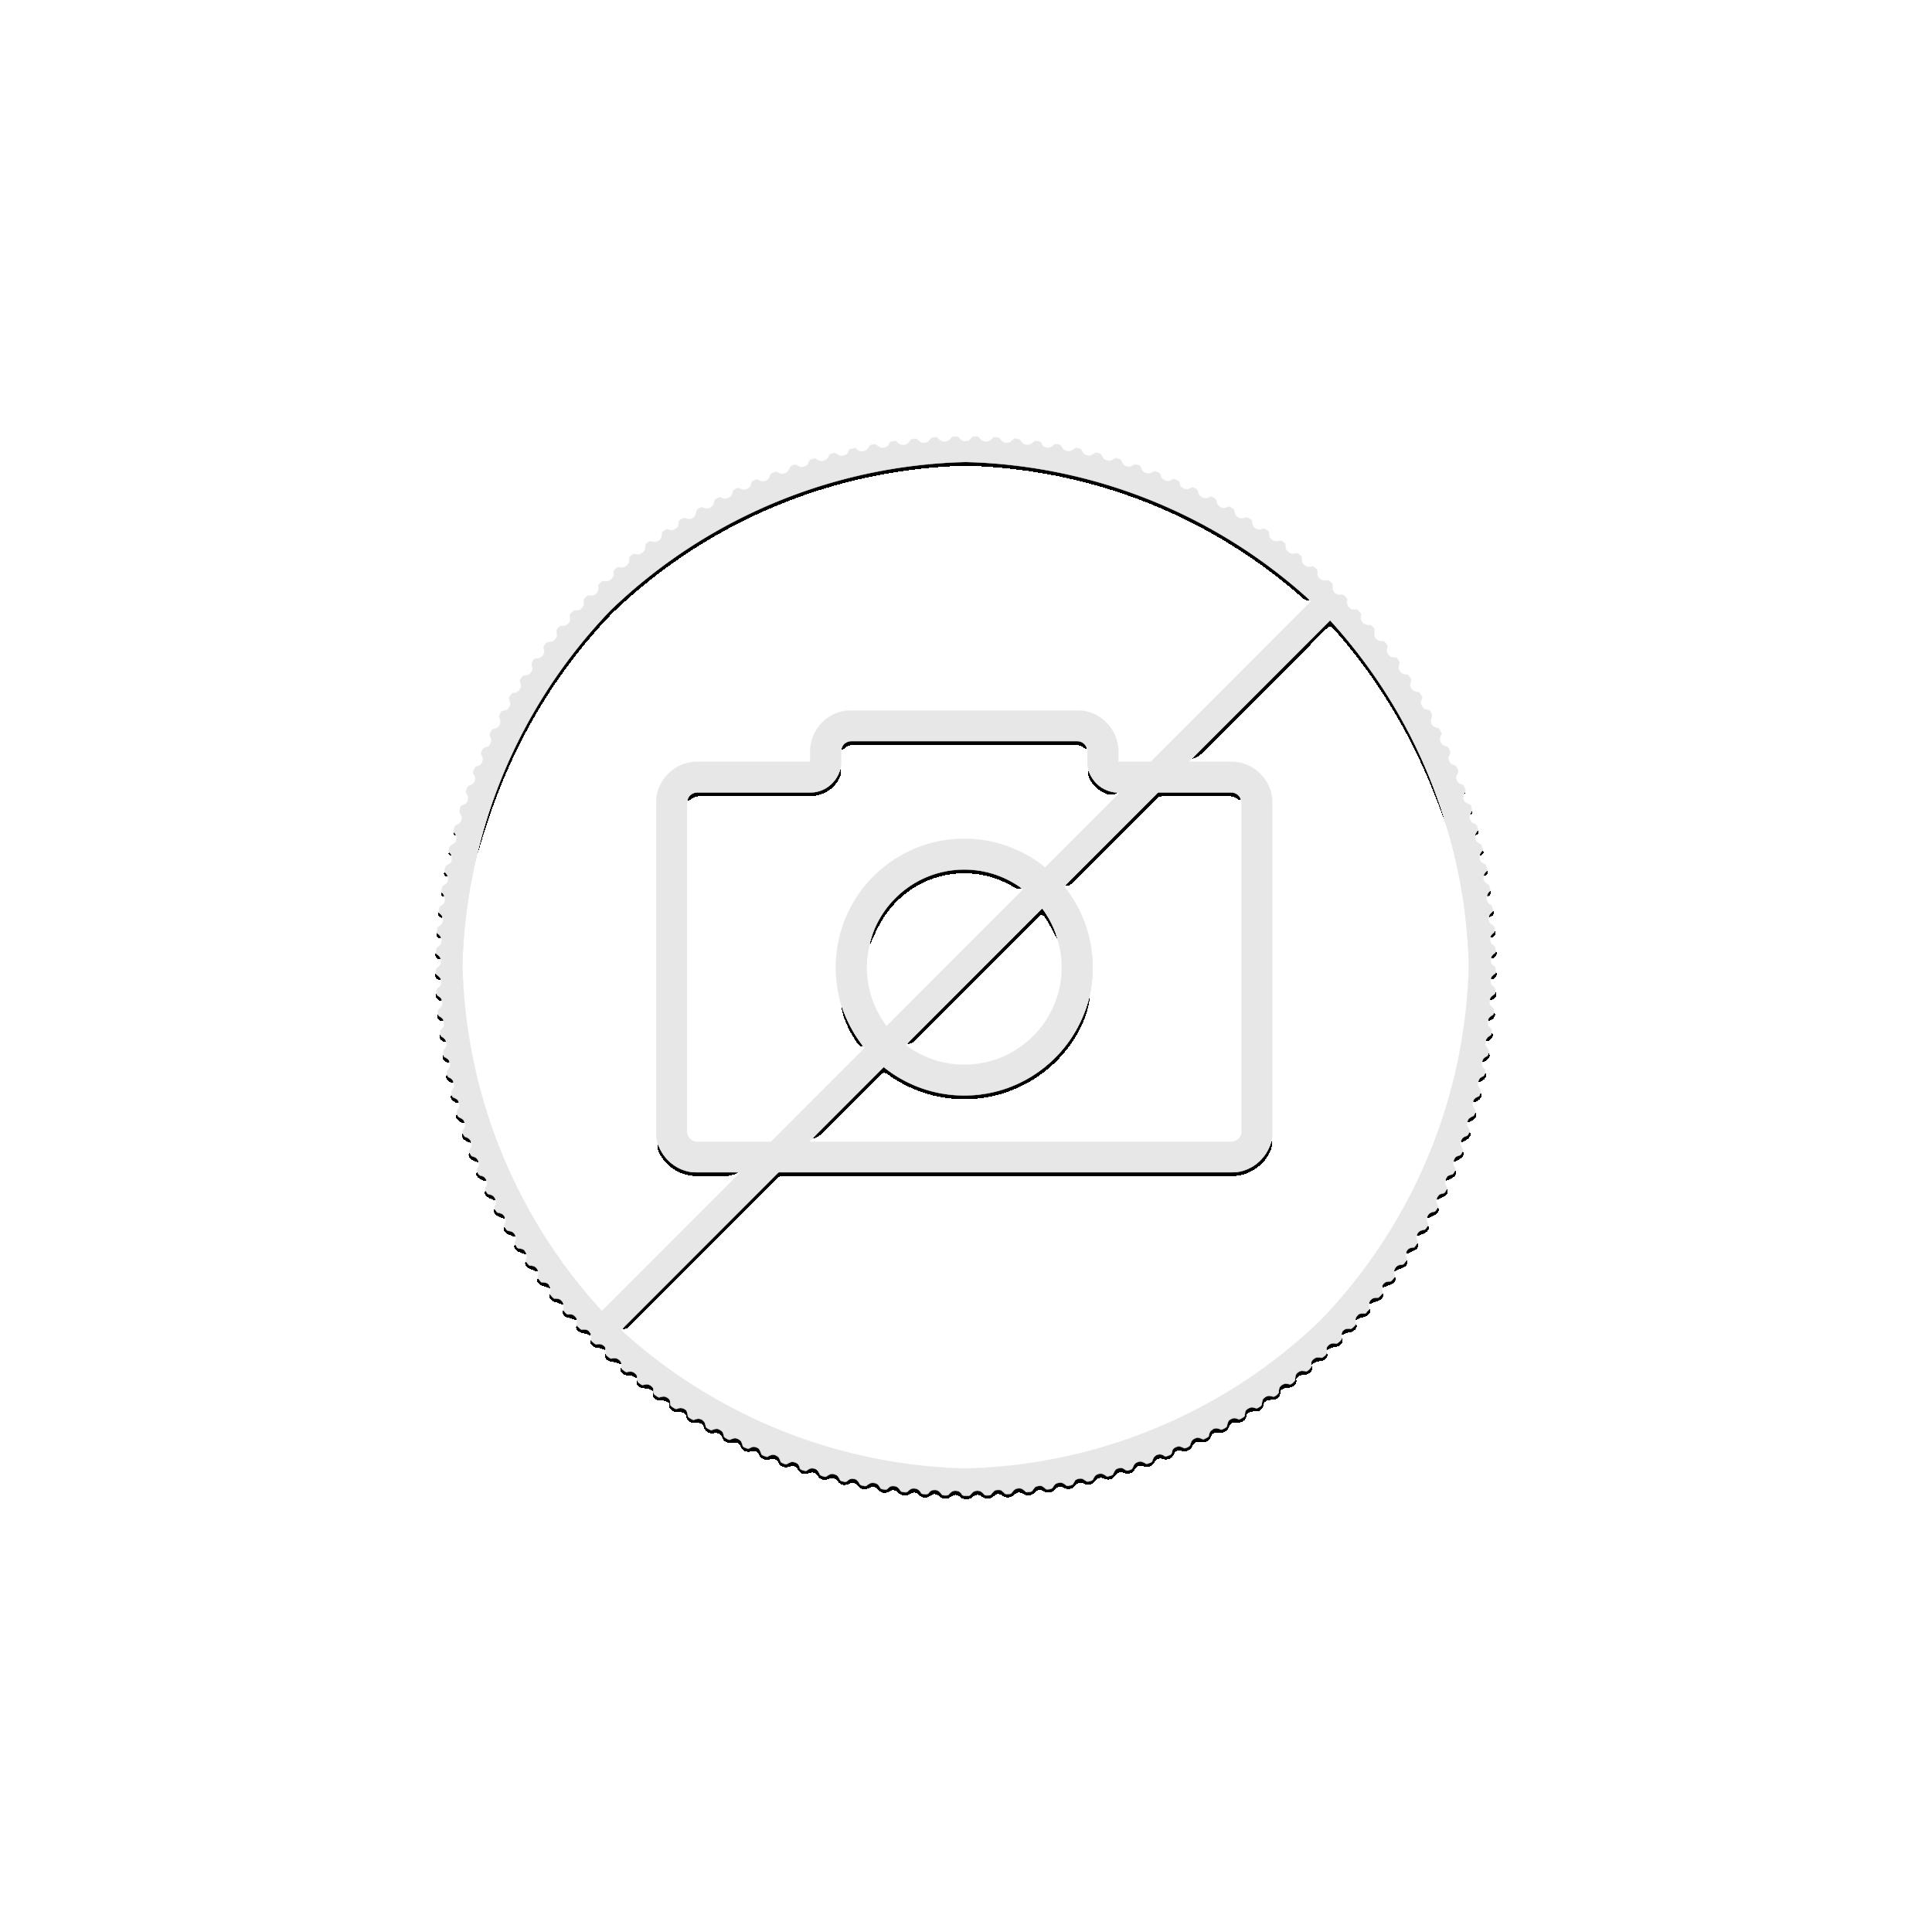 1 Troy ounce gold coin Lunar 2019